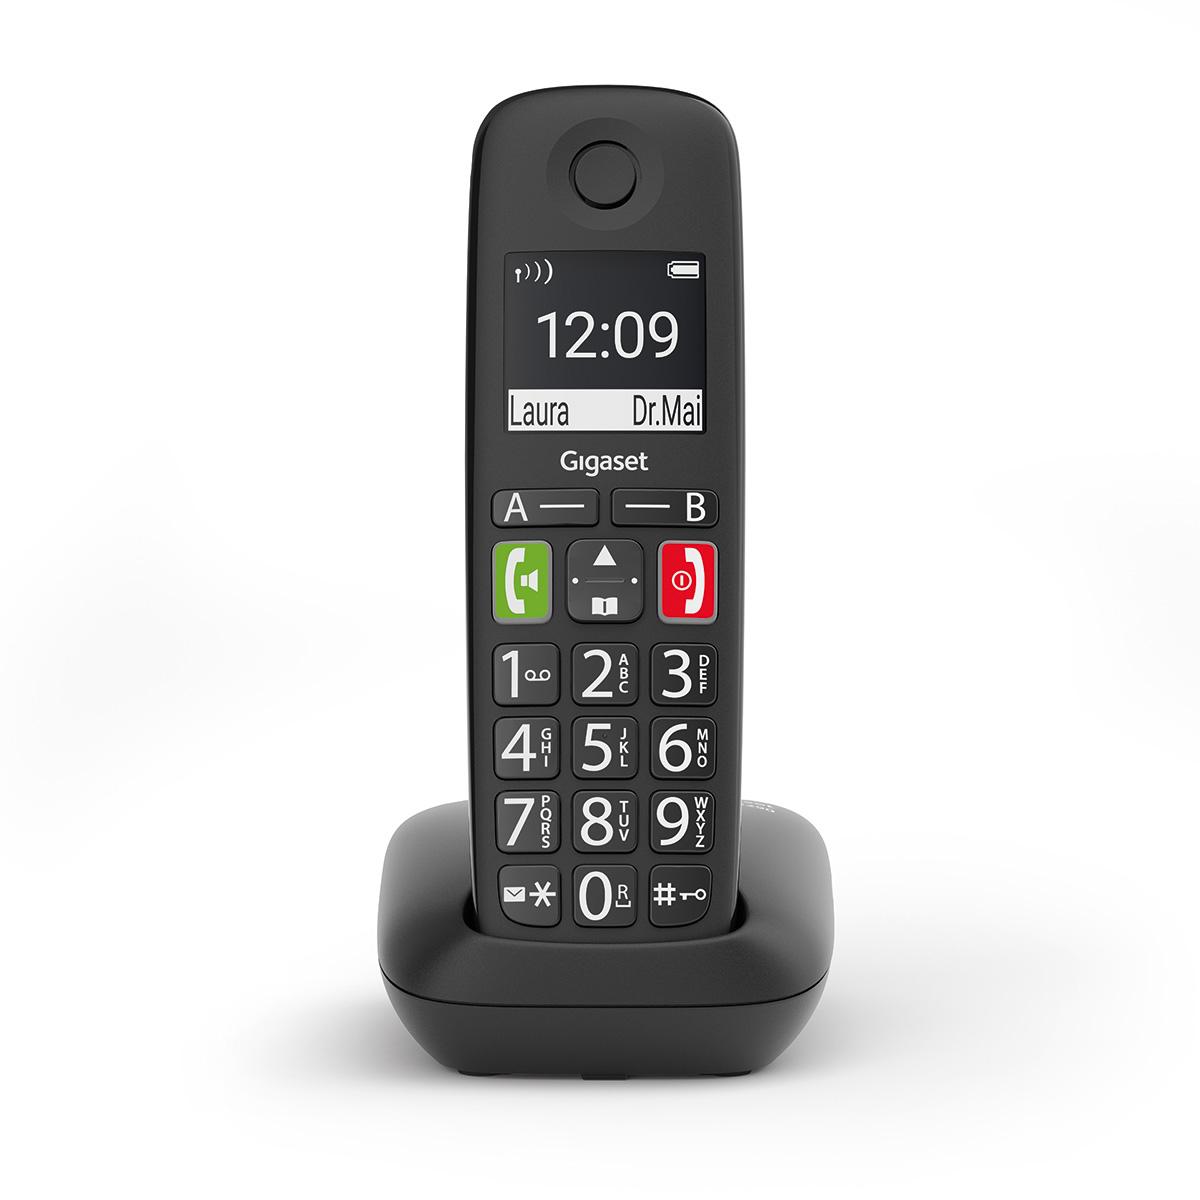 schwarz IP-Telefon Fritzbox kompatibel, mit Farbdisplay, Komfort-Telefon mit gro/ßer Nummernanzeige, einfache Bedienung - Adressbuch Gigaset C570HX schnurloses Telefon